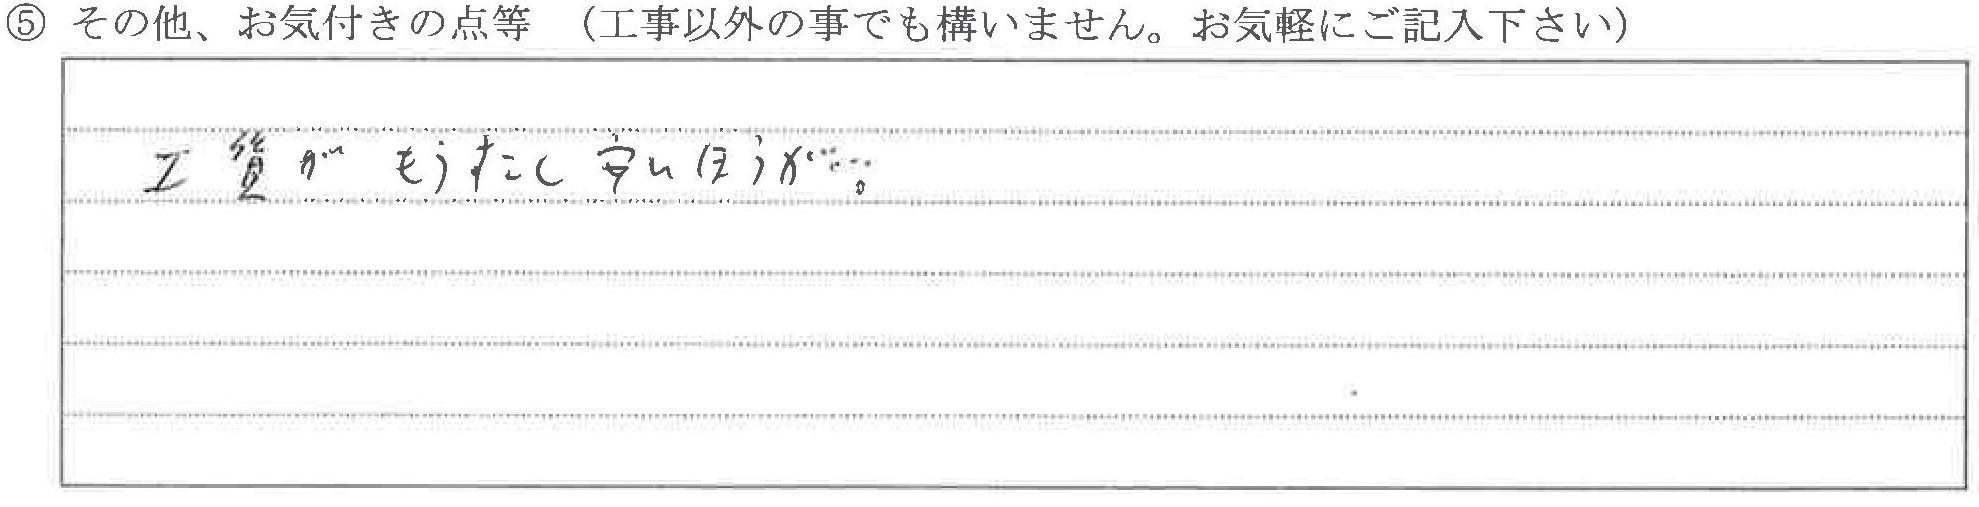 富山県富山市M様に頂いたダイヤフラム交換工事についてのお気づきの点がありましたら、お聞かせ下さい。というご質問について「トイレメンテナンス【ご指摘の声】」というお声についての画像